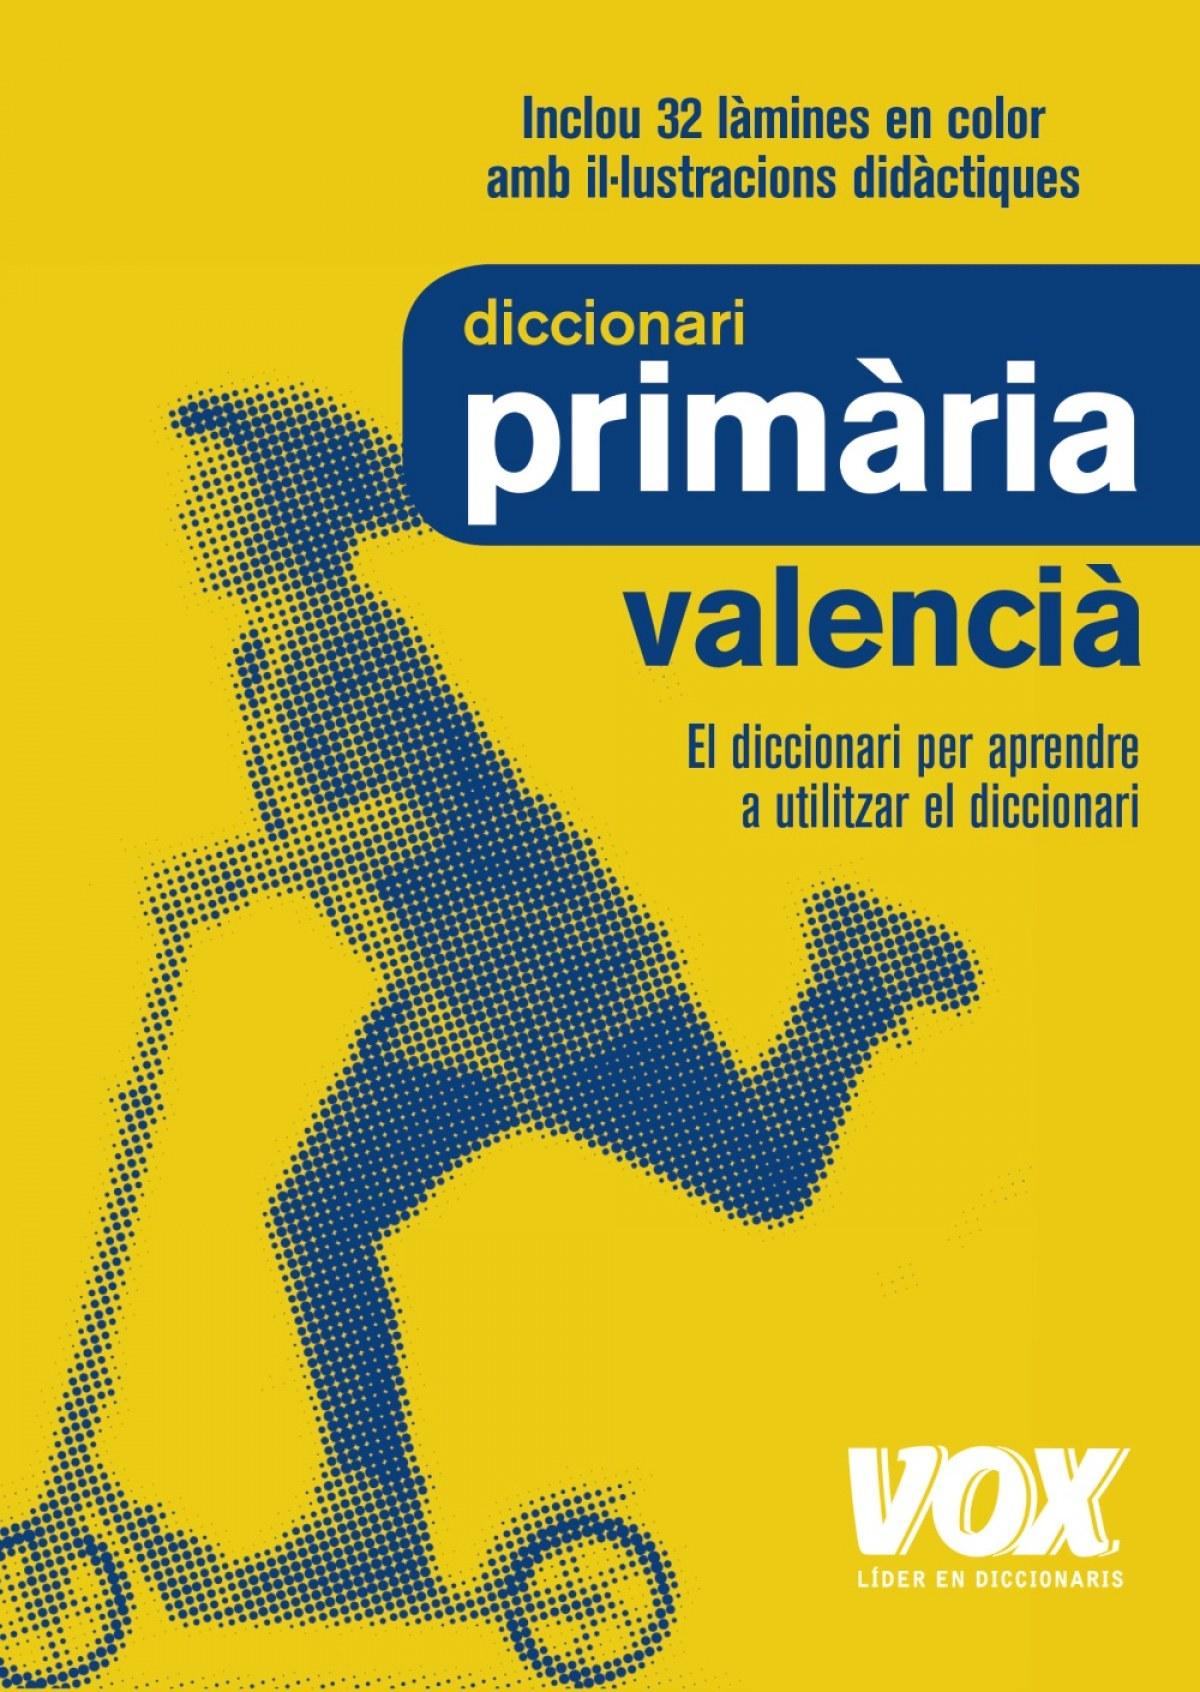 DICCIONARI PRIMÀRIA VALENCIÀ 9788499742762